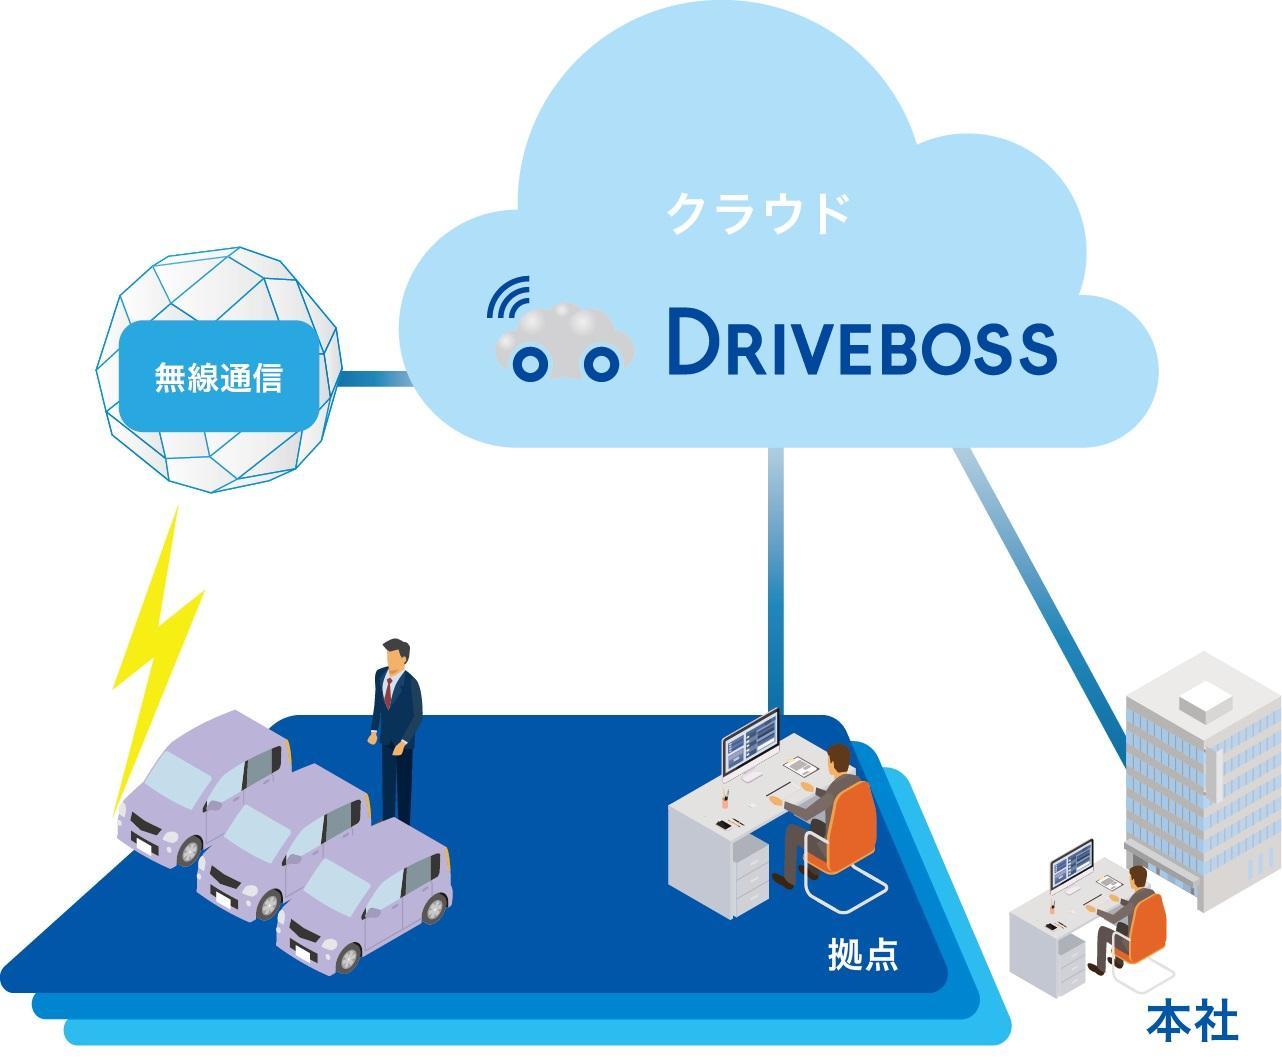 業務用通信対応カーナビ CN-B300B-Aとクラウドシステム DRIVEBOSS (活用イメージ)